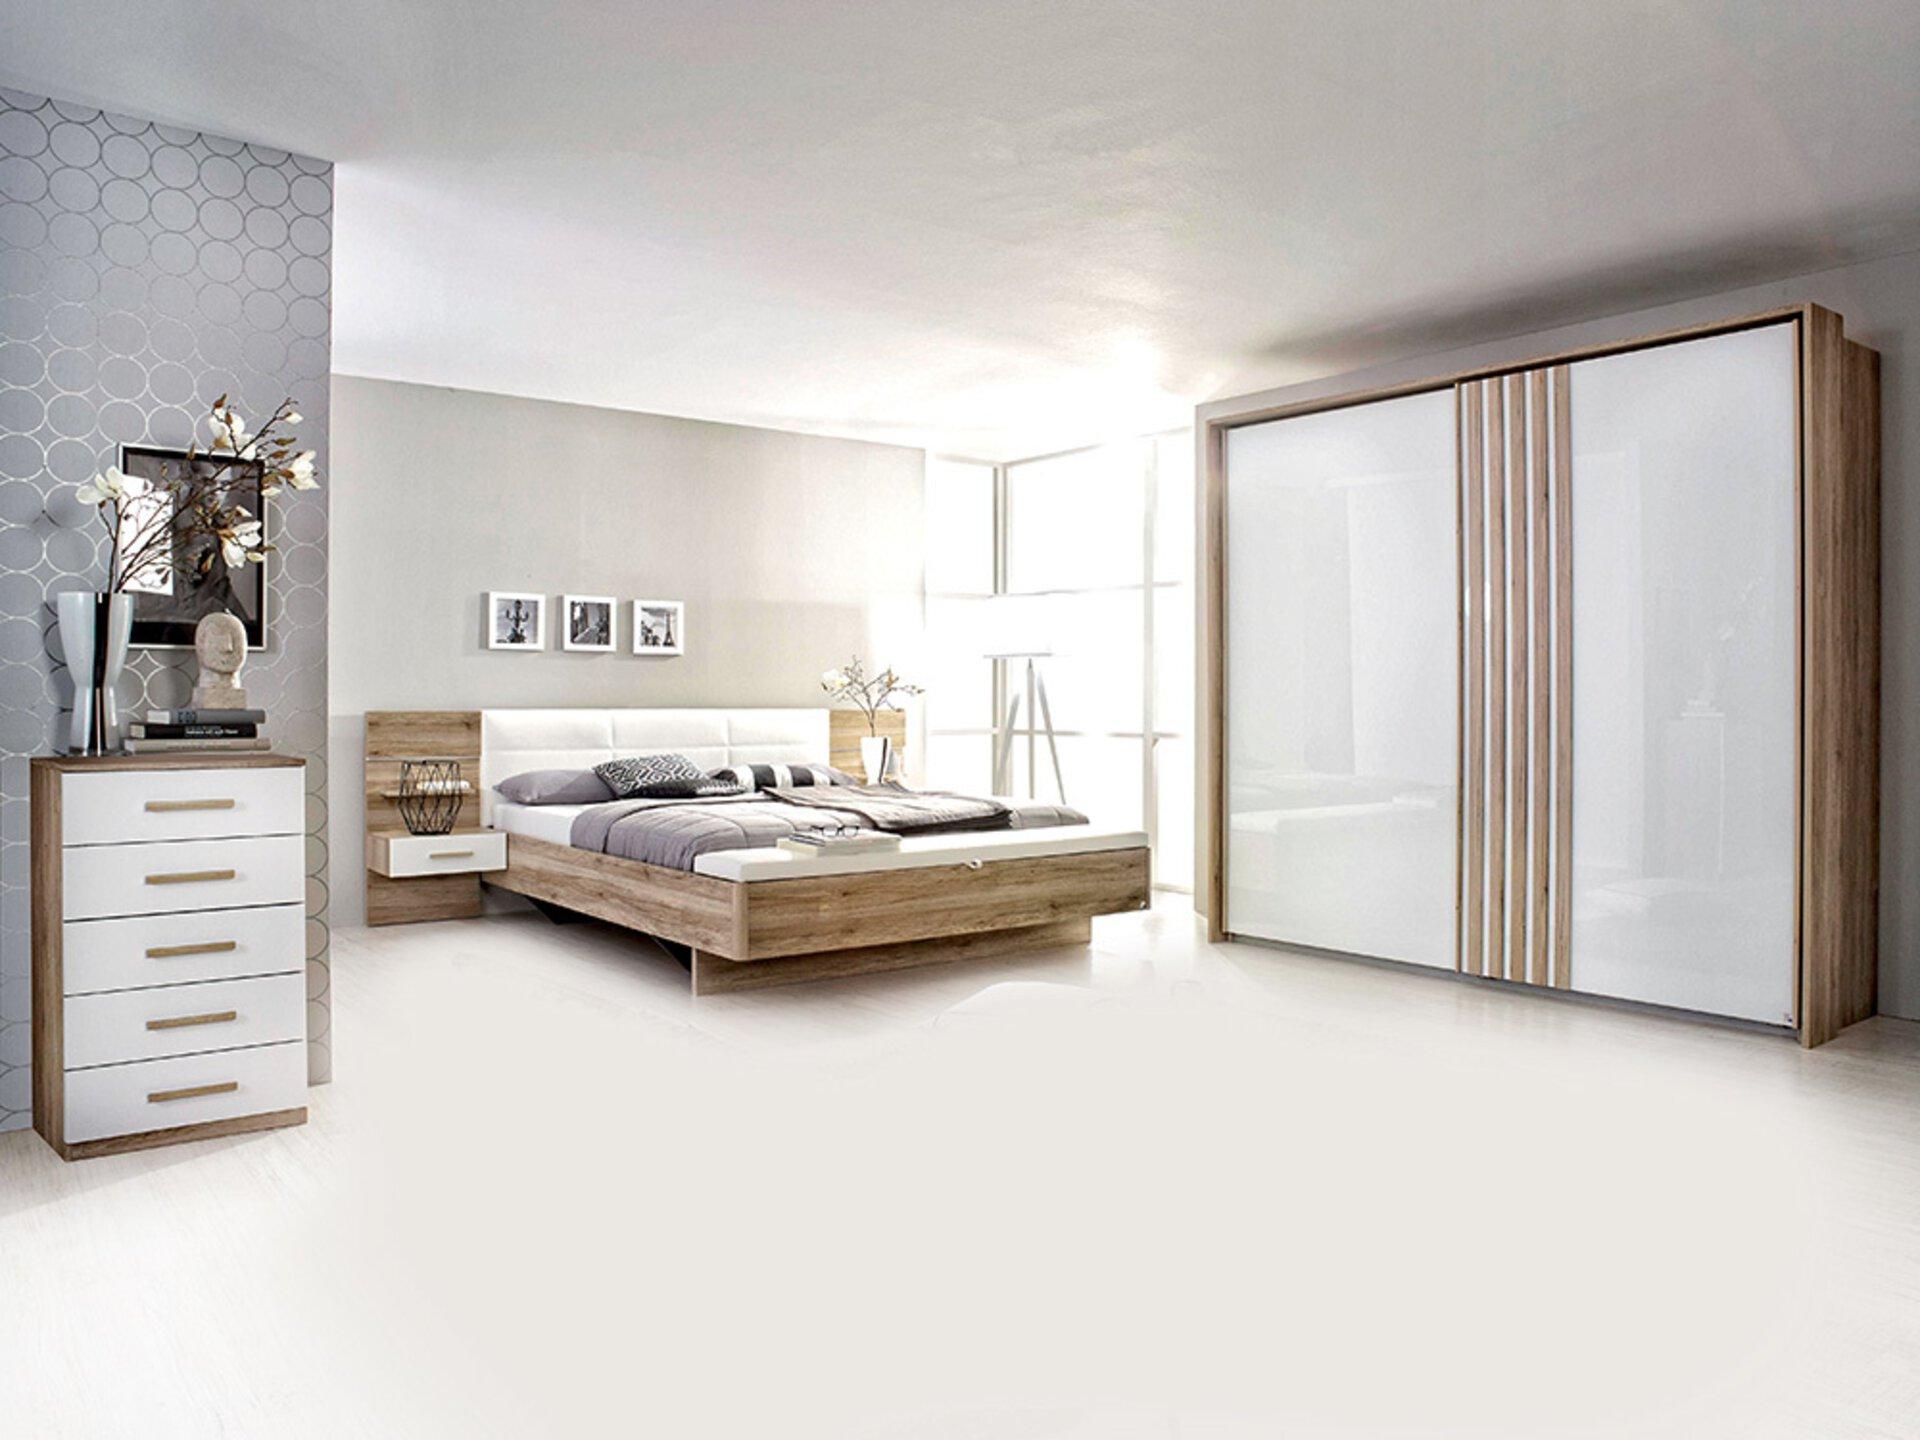 Schwebetürenschrank MOSBACH rauch ORANGE Holzwerkstoff 62 x 210 x 226 cm